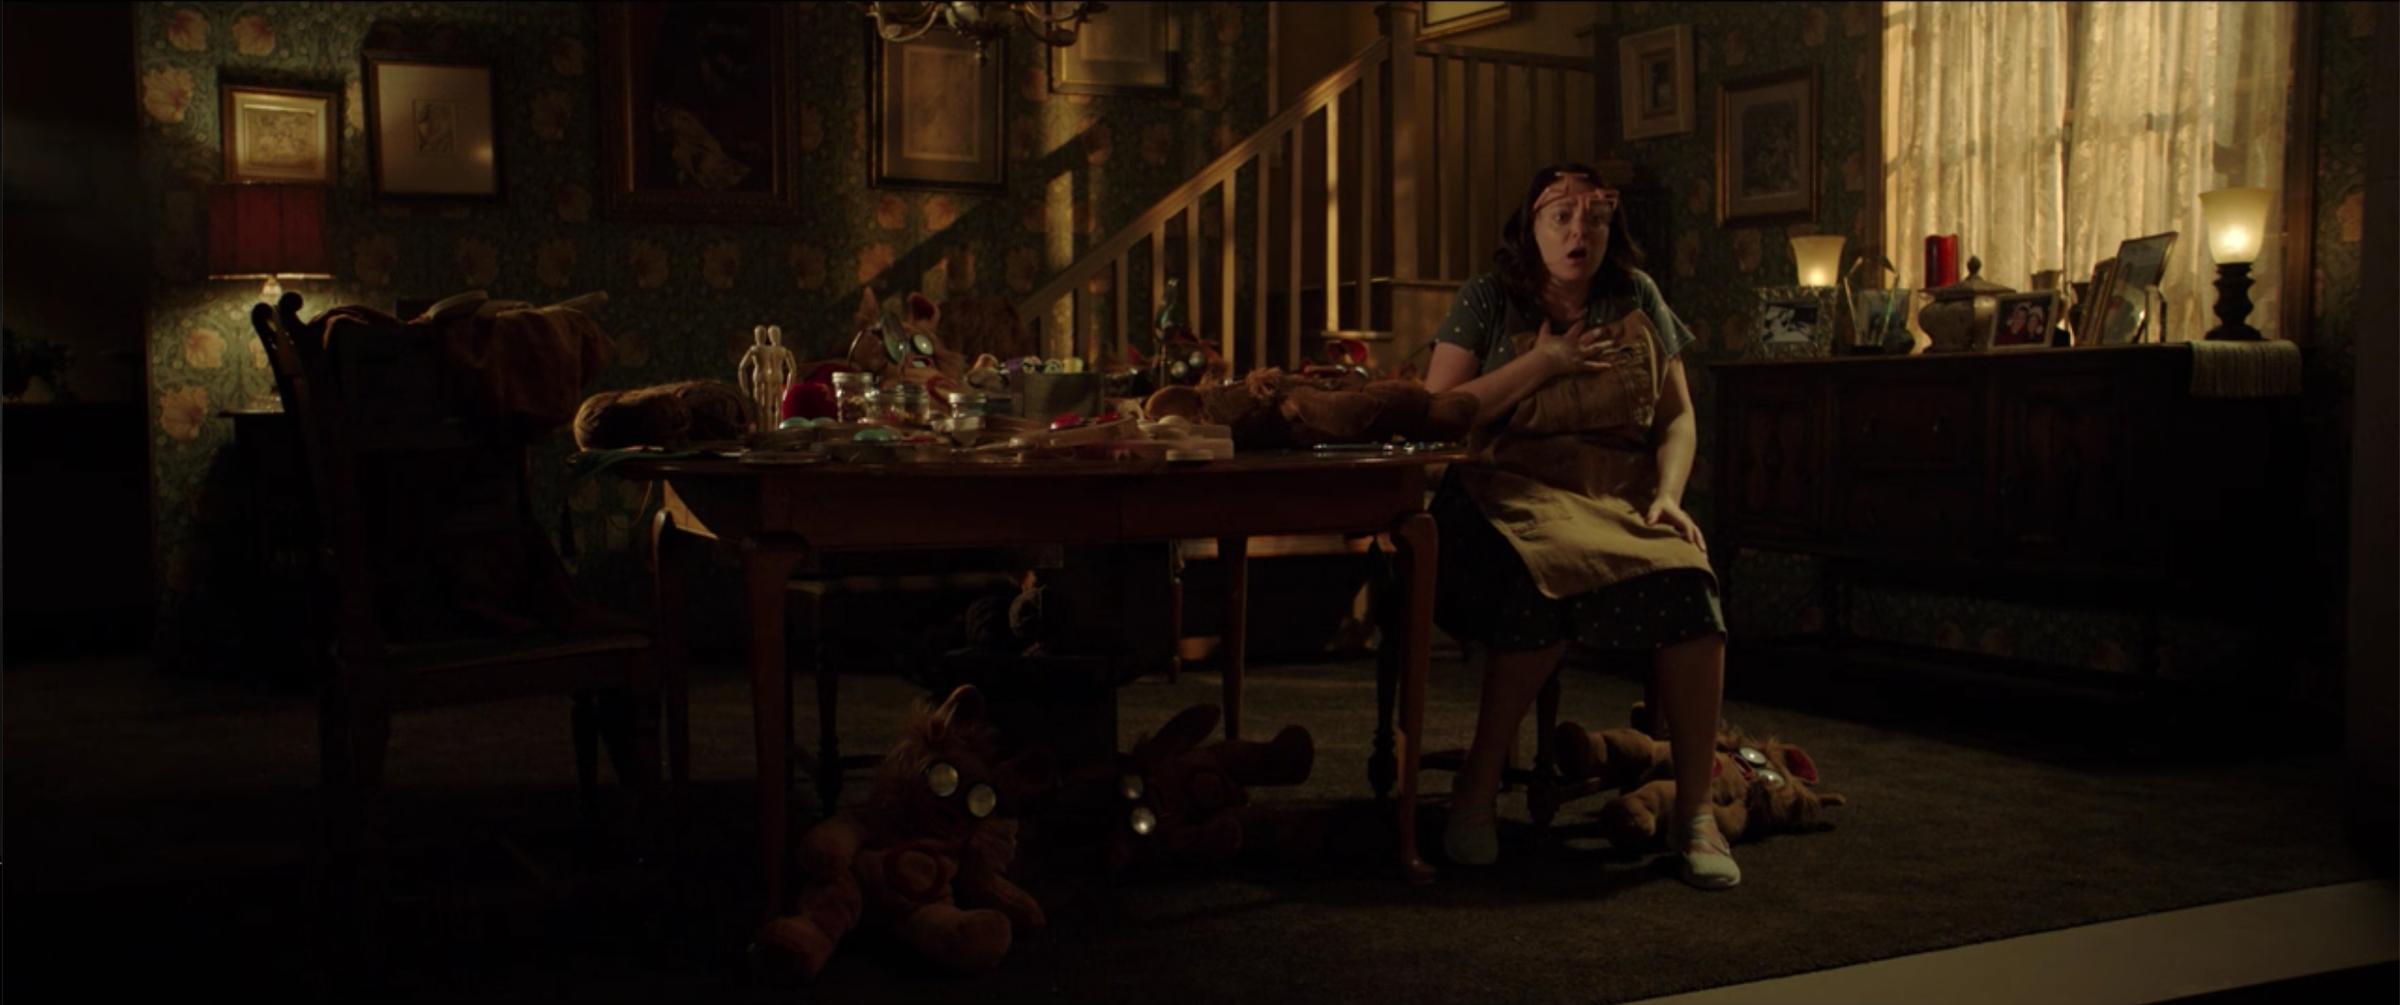 Film Still - Ellie's House